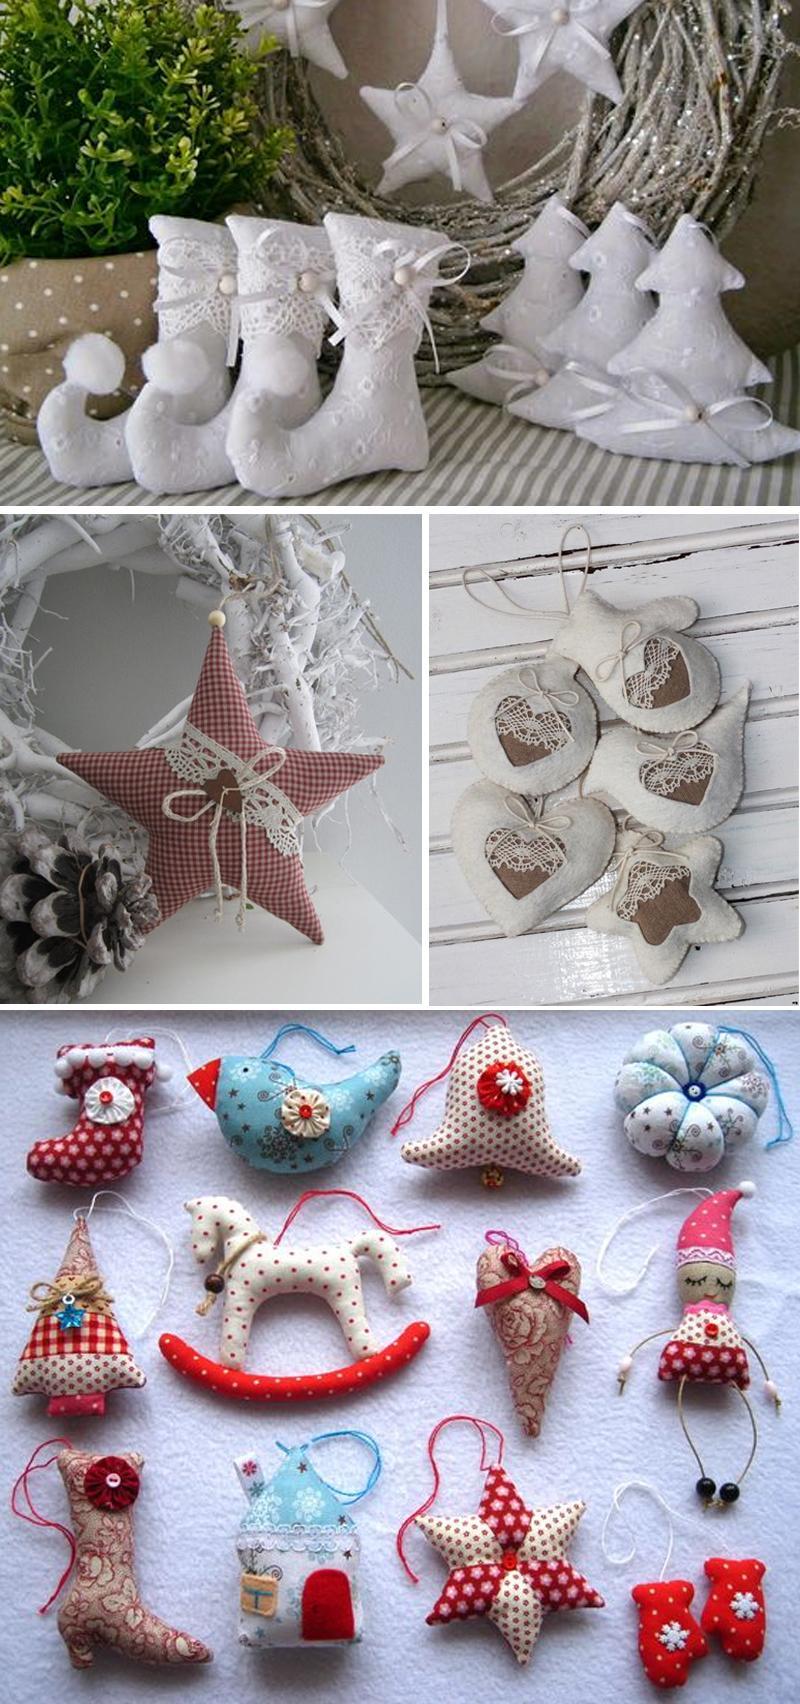 Новогодние украшения из фетра и ткани